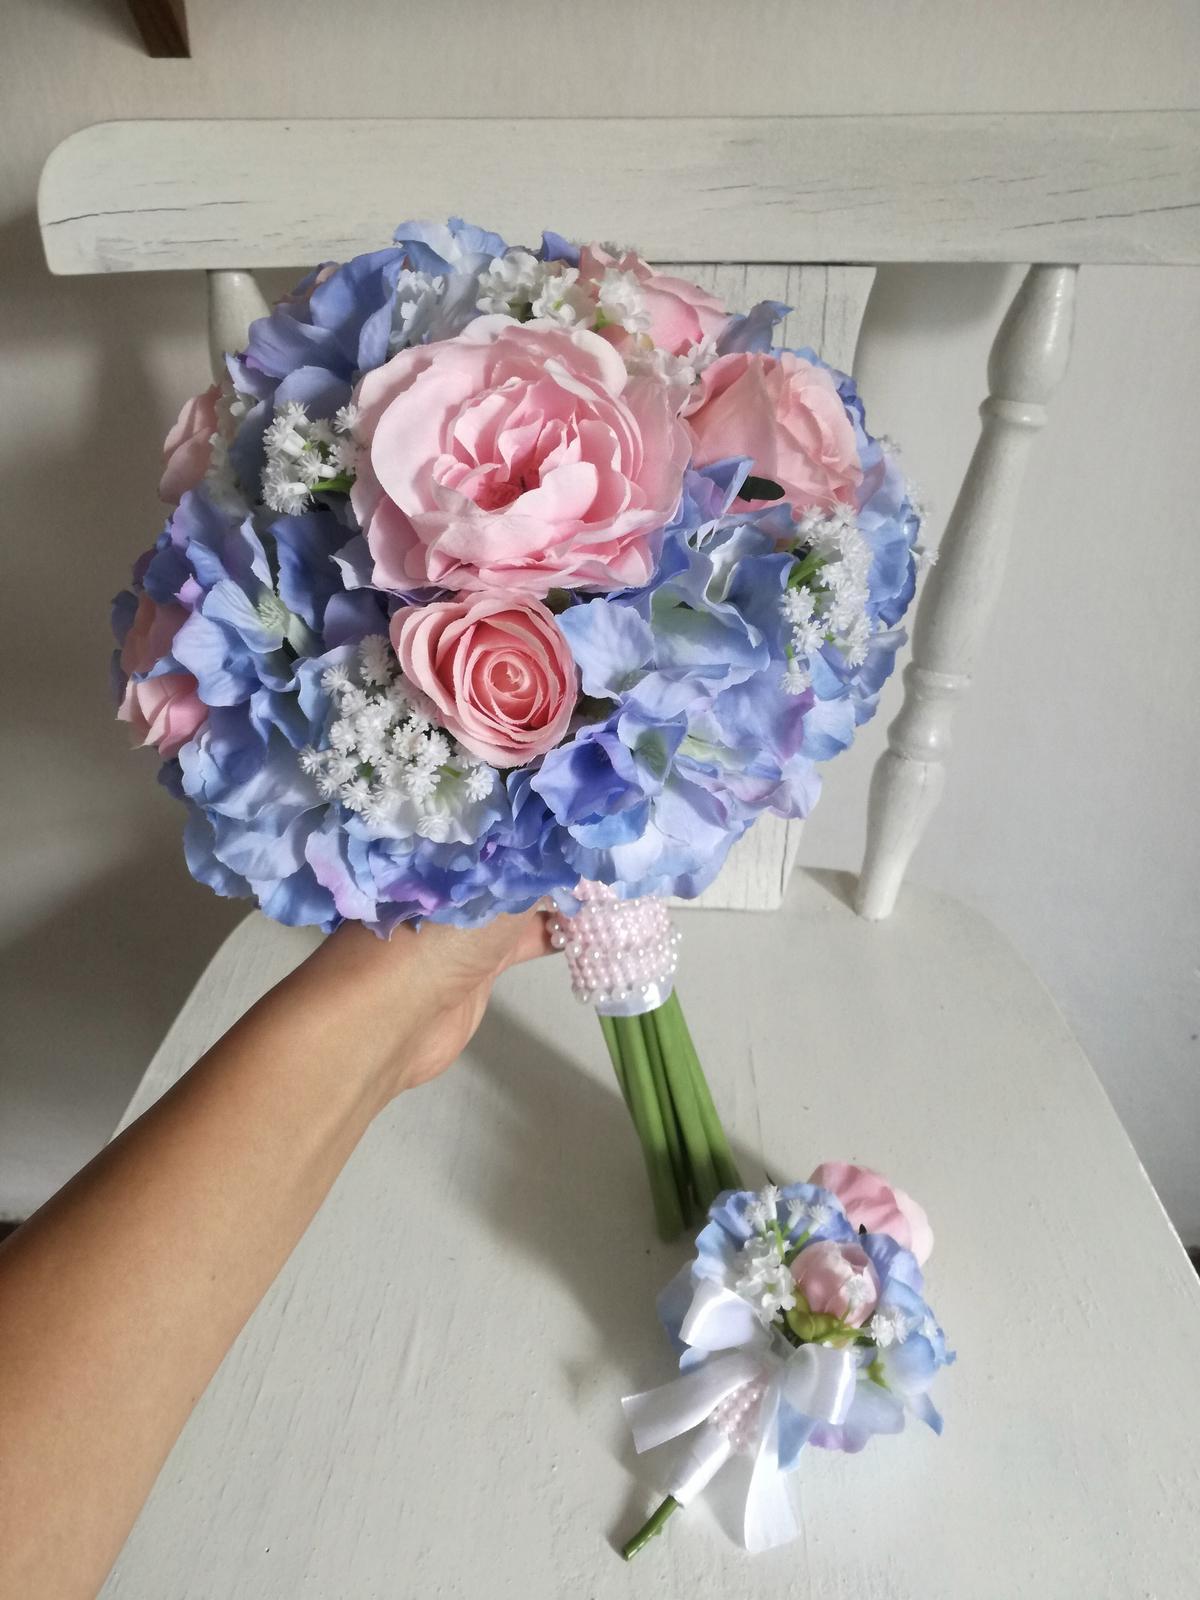 Z umelých kvetov - Obrázok č. 38